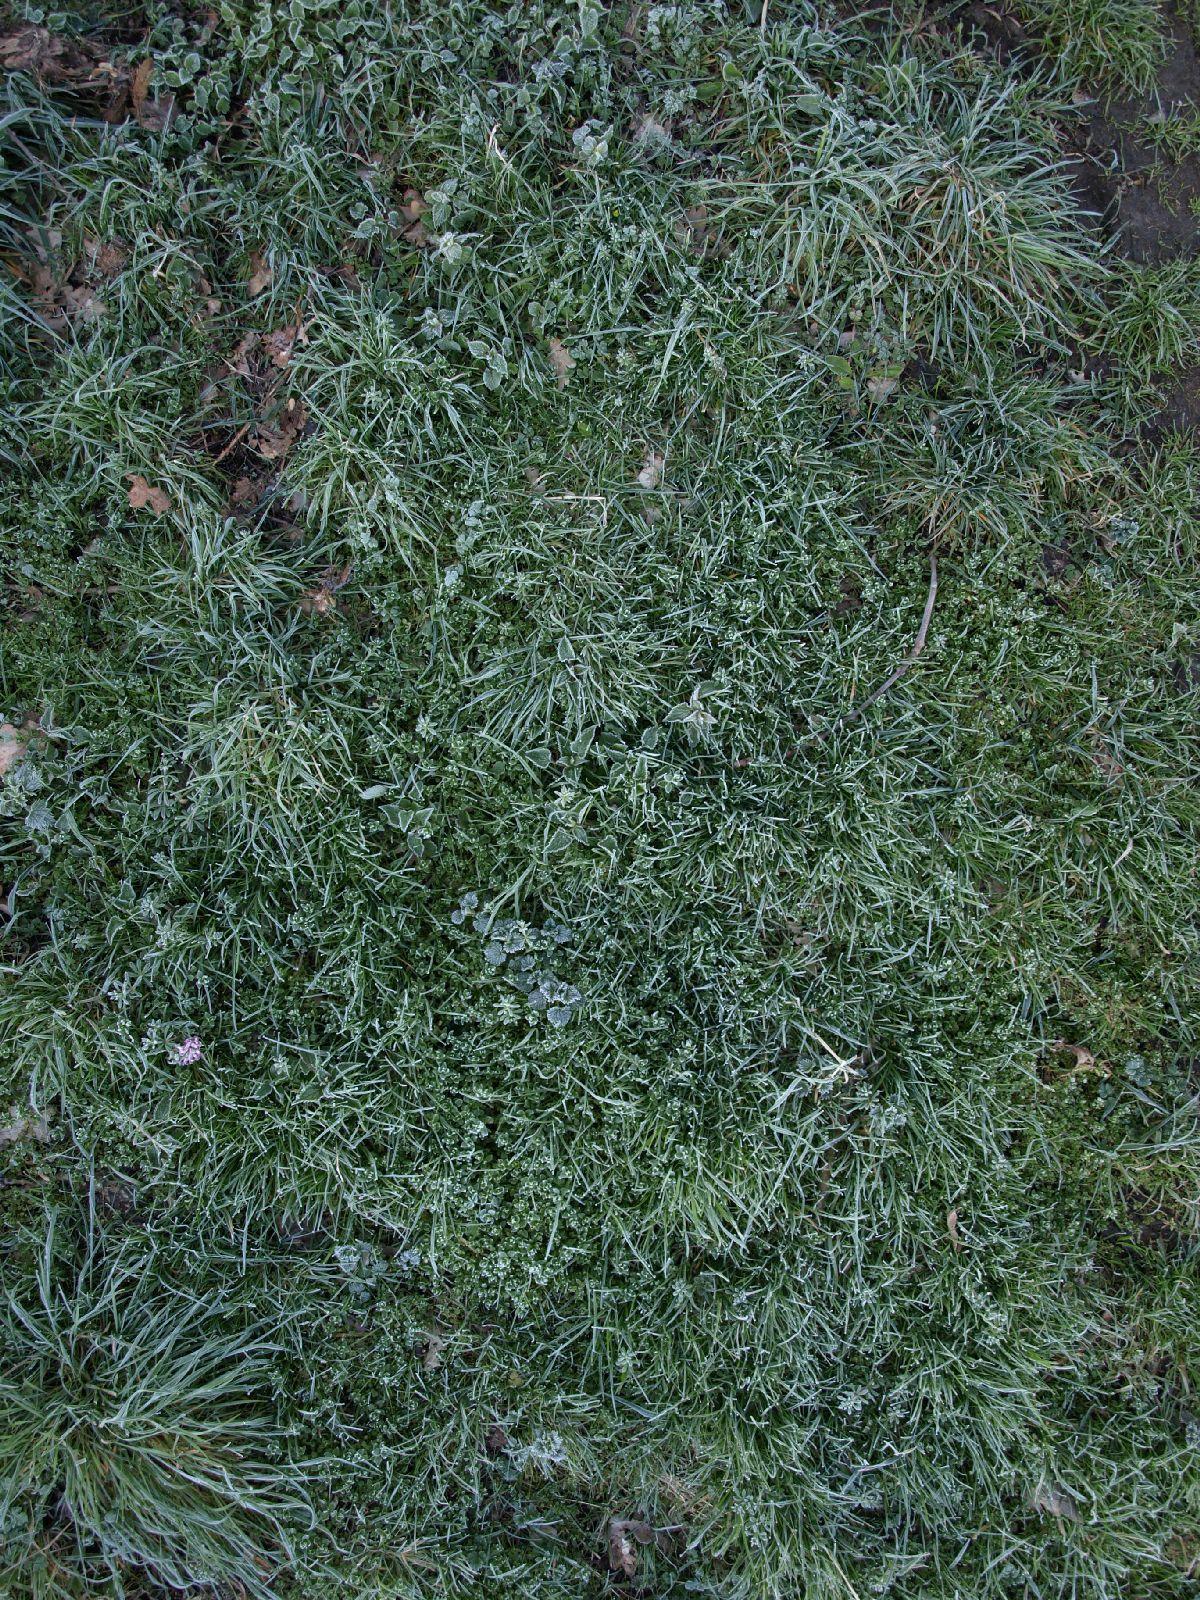 Boden-Gras-Moos-Blumen_Textur_A_P4070133